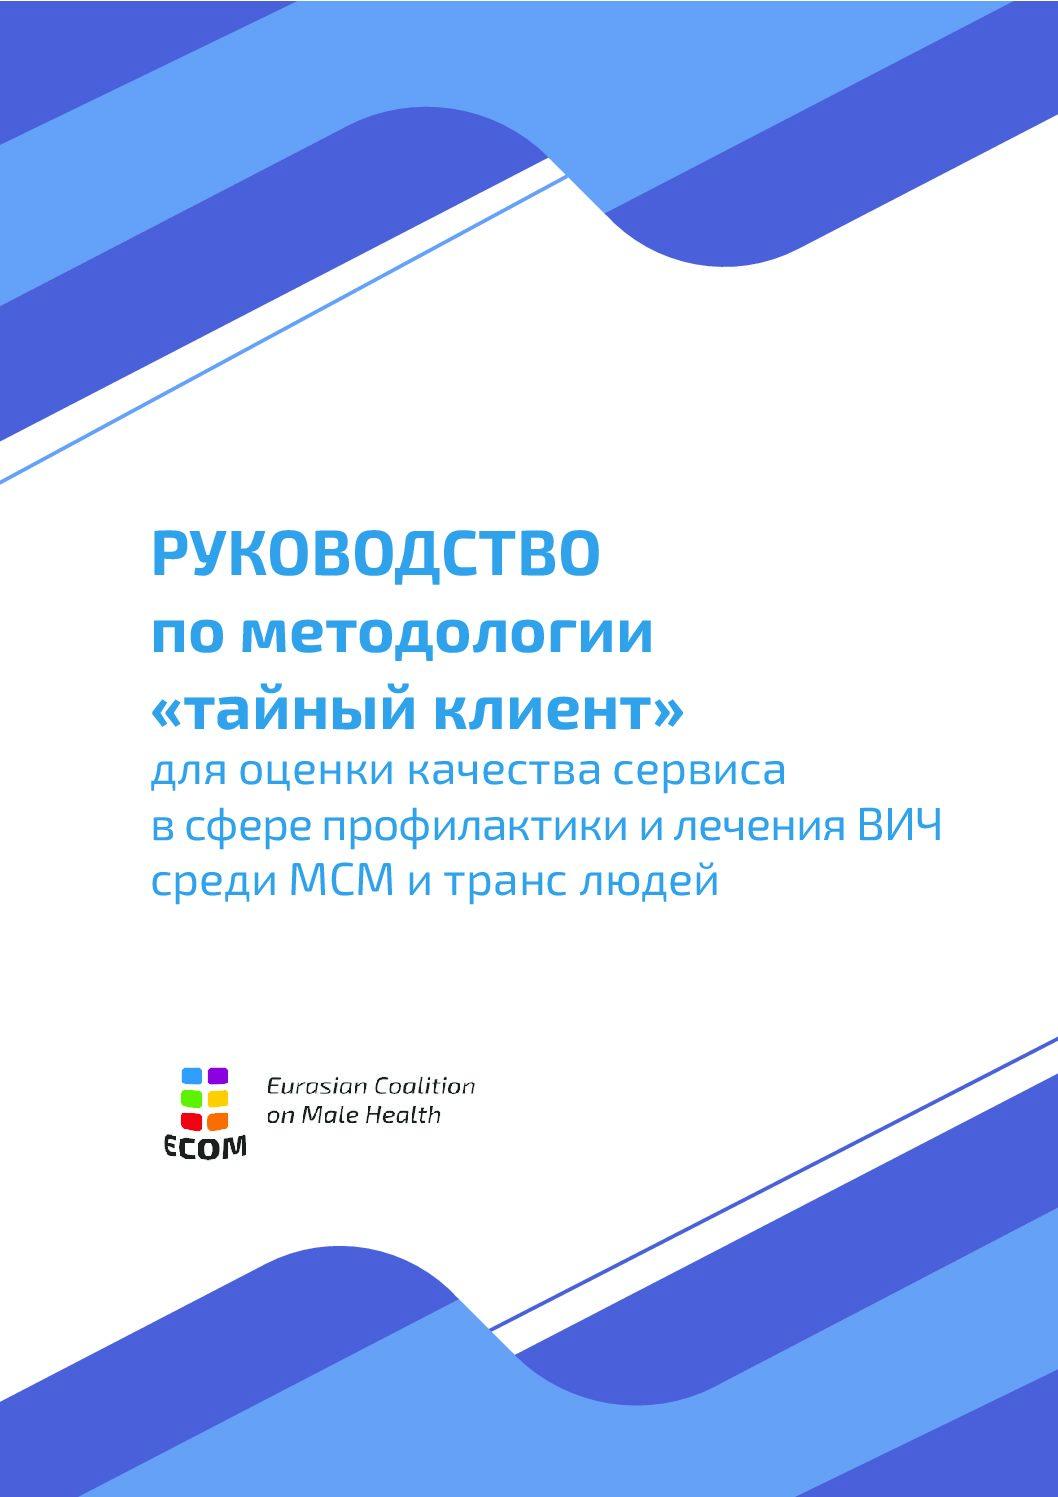 Руководство пометодологии «тайный клиент» для оценки качества сервиса в сфере профилактики и лечения ВИЧ среди МСМ и транс людей